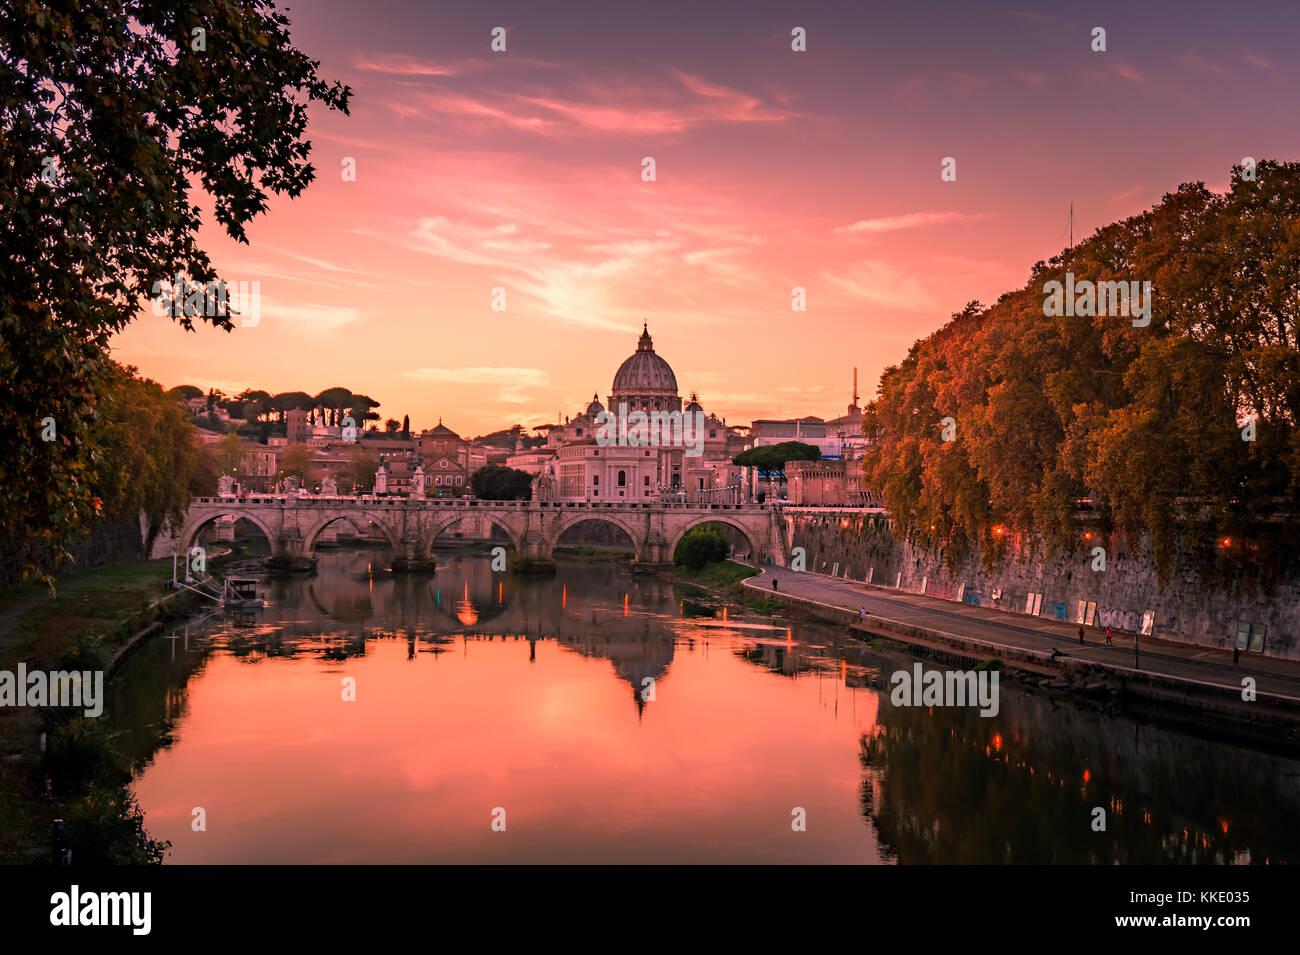 Belle vue sur st. la basilique Saint-Pierre au Vatican de Rome, Italie pendant le coucher du soleil en automne Photo Stock